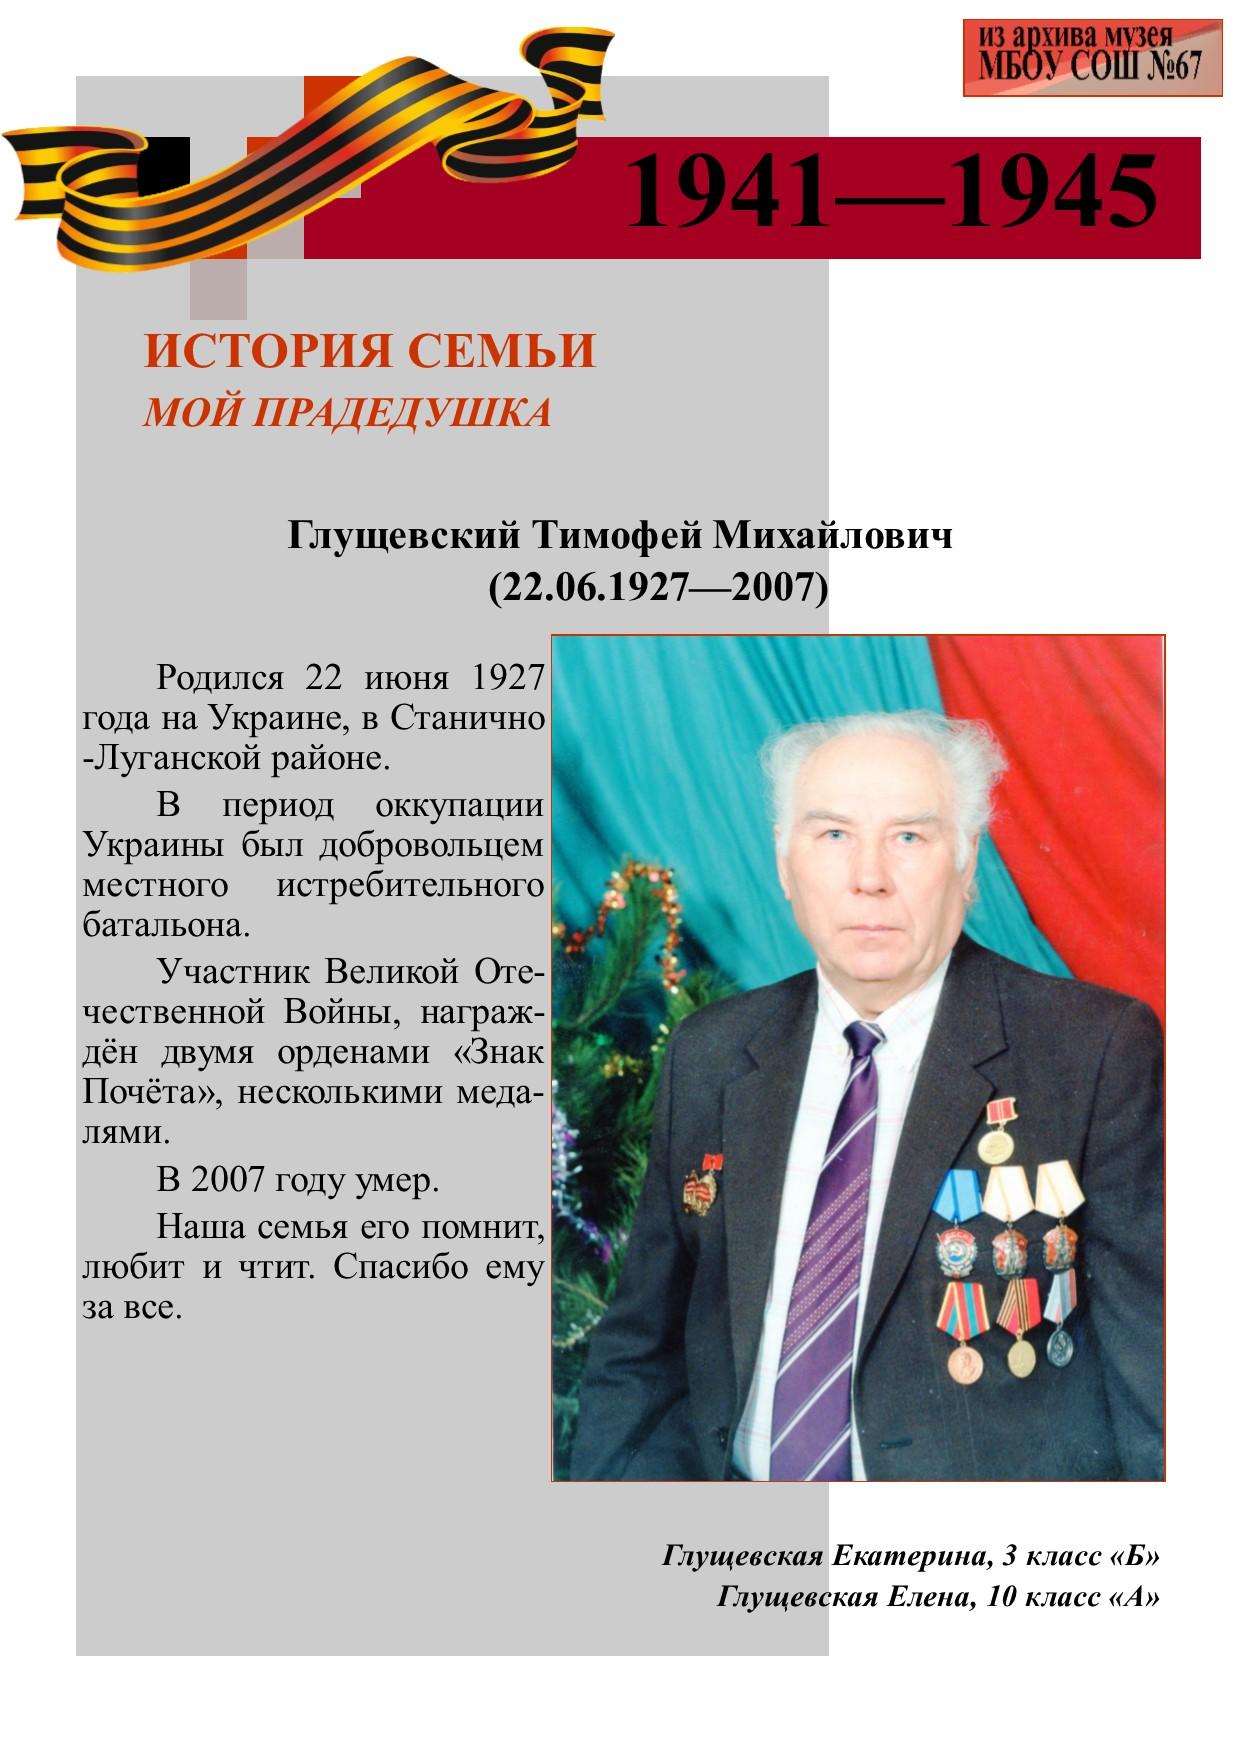 Глущевский